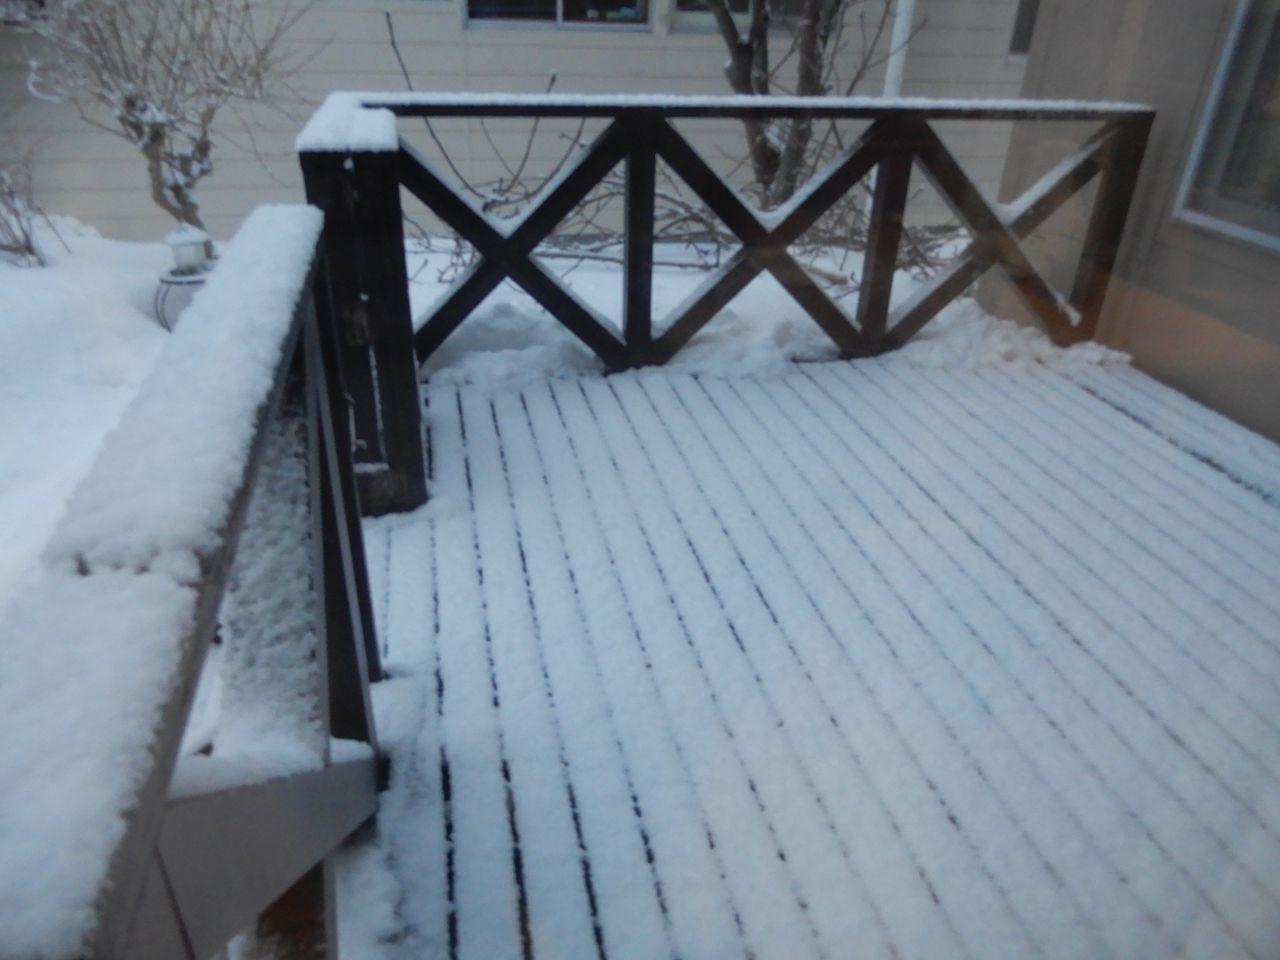 真冬日も覚悟していたものの意外と暖かく最高気温がプラス2.3℃_c0025115_20475494.jpg